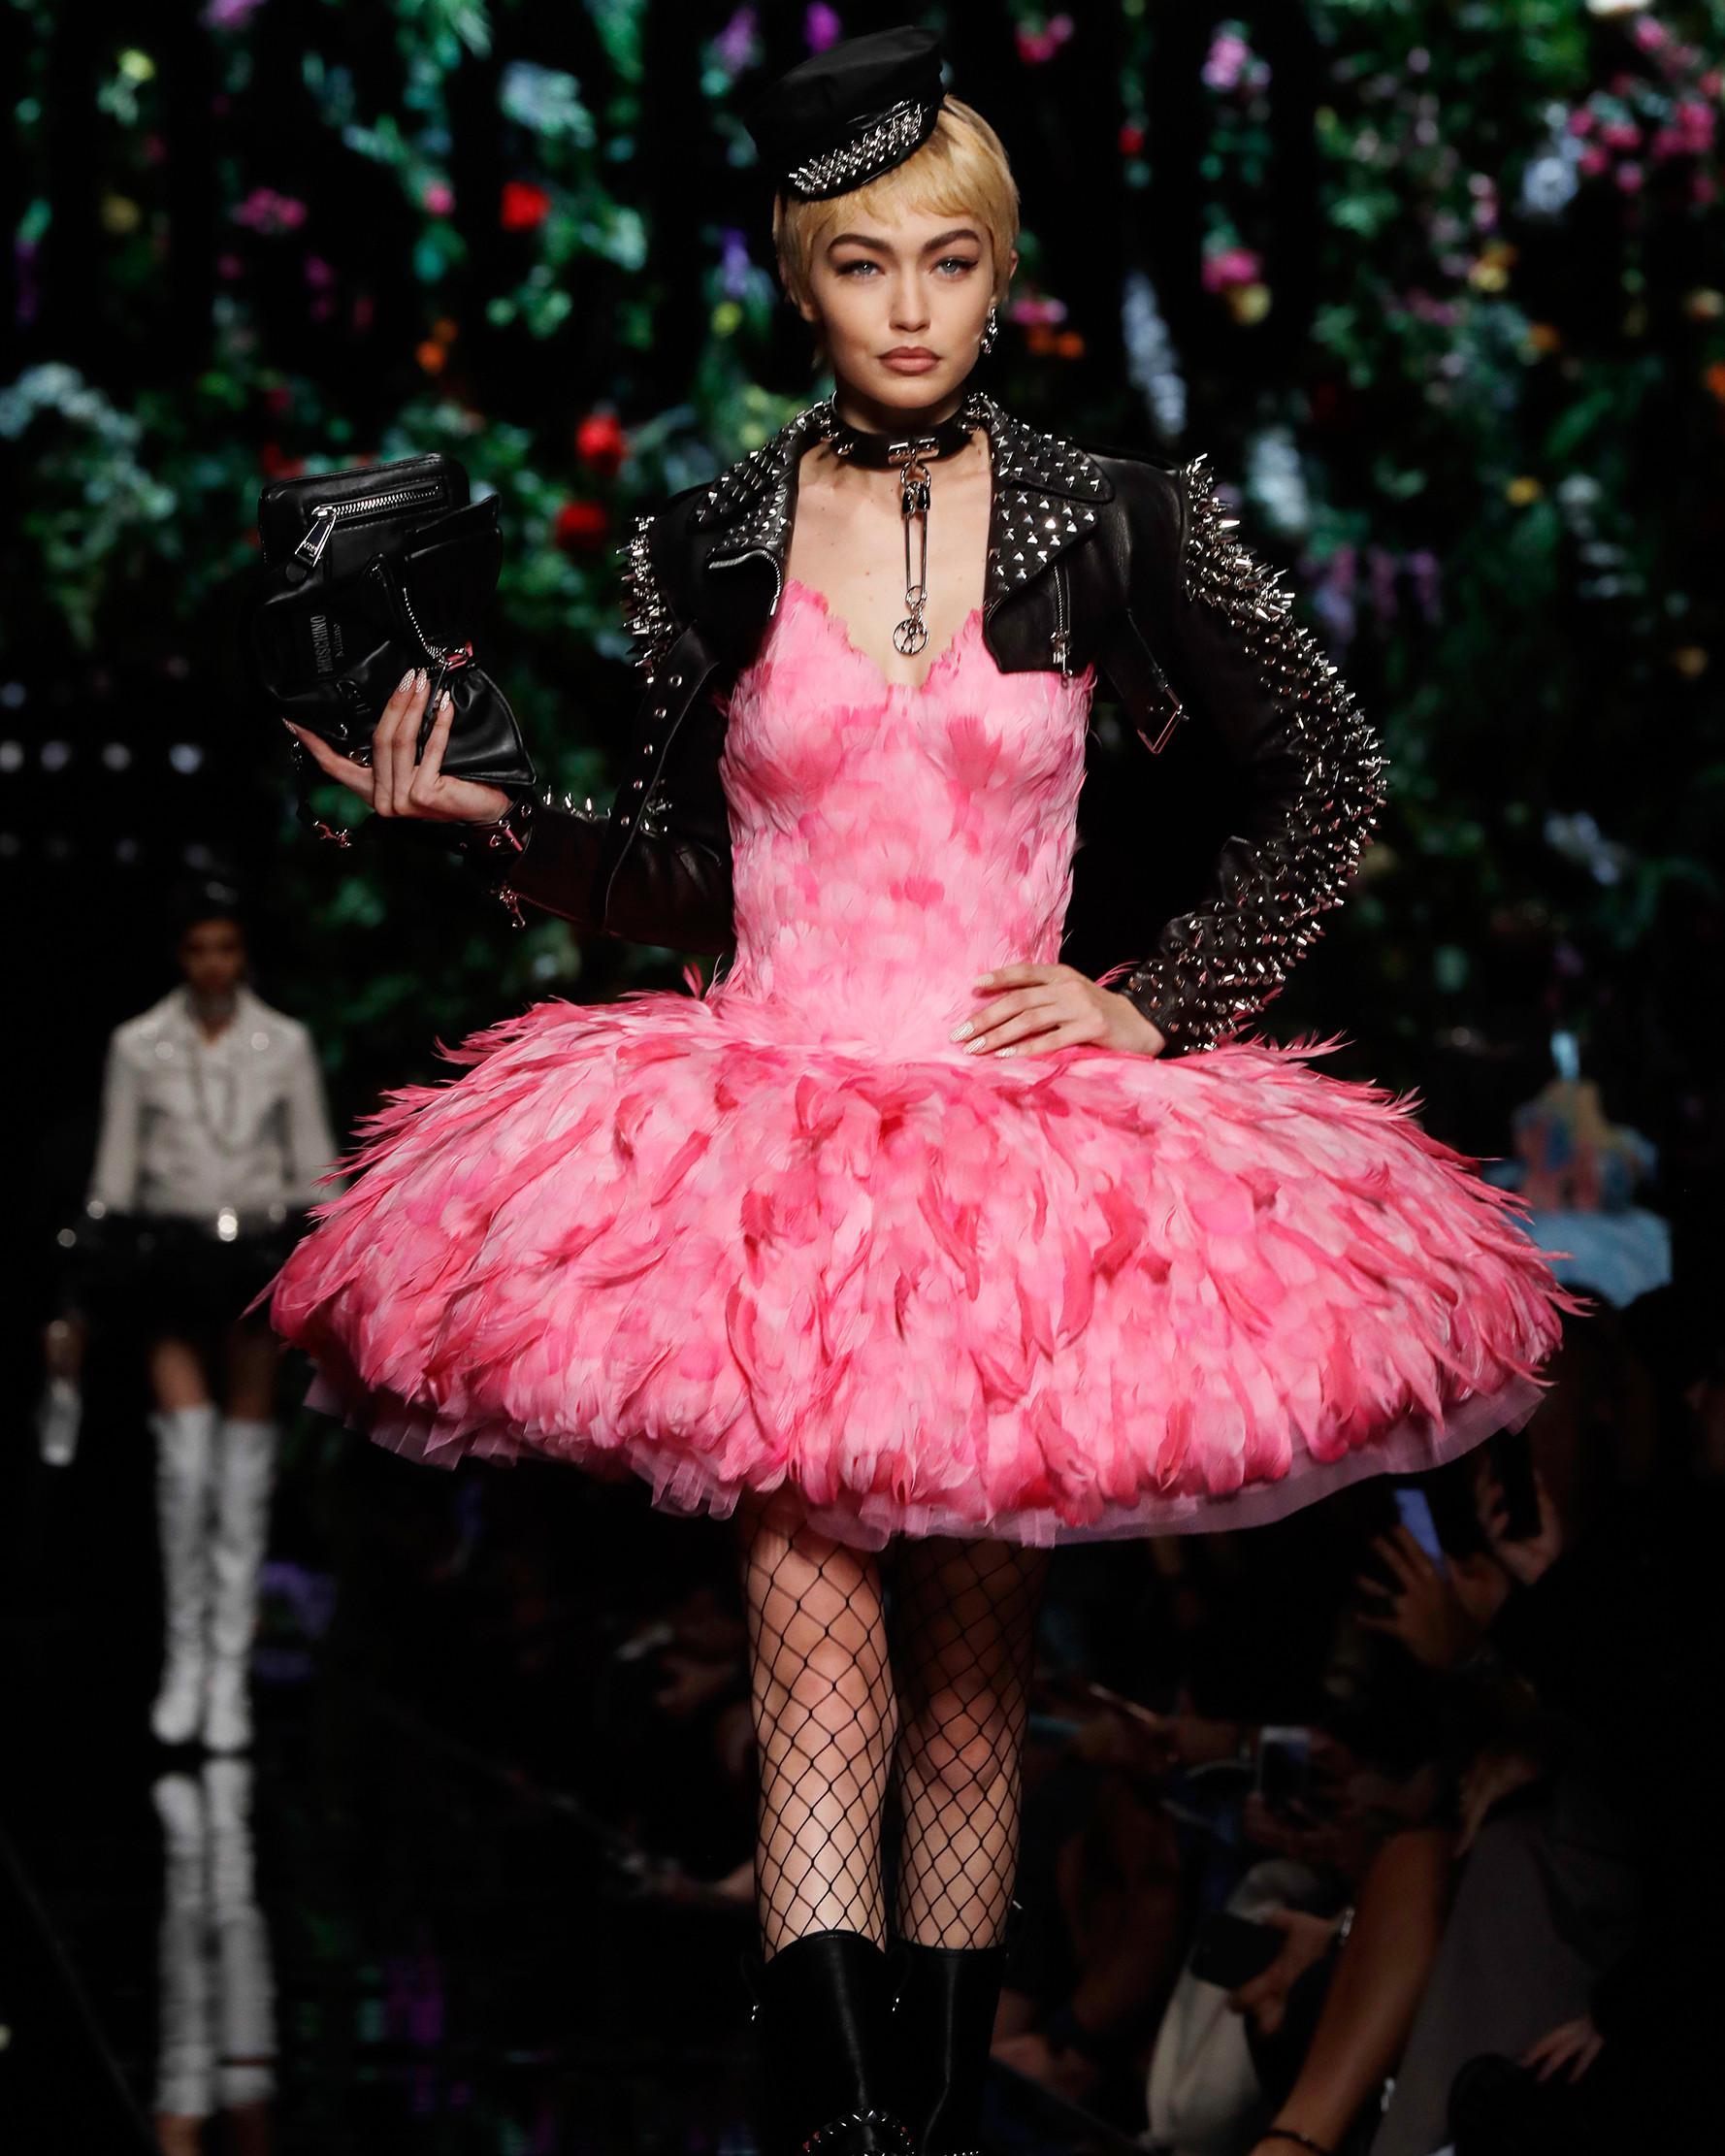 Gigi Hadid mengenakan rancangan rumah mode Moschino saat Milan Fashion Week di Italia, Kamis (21/9). Selain tampil seperti buket bunga, Gigi Hadid juga memperagakan koleksi lain milik rumah mode Moschino. (AP Photo/Luca Bruno)